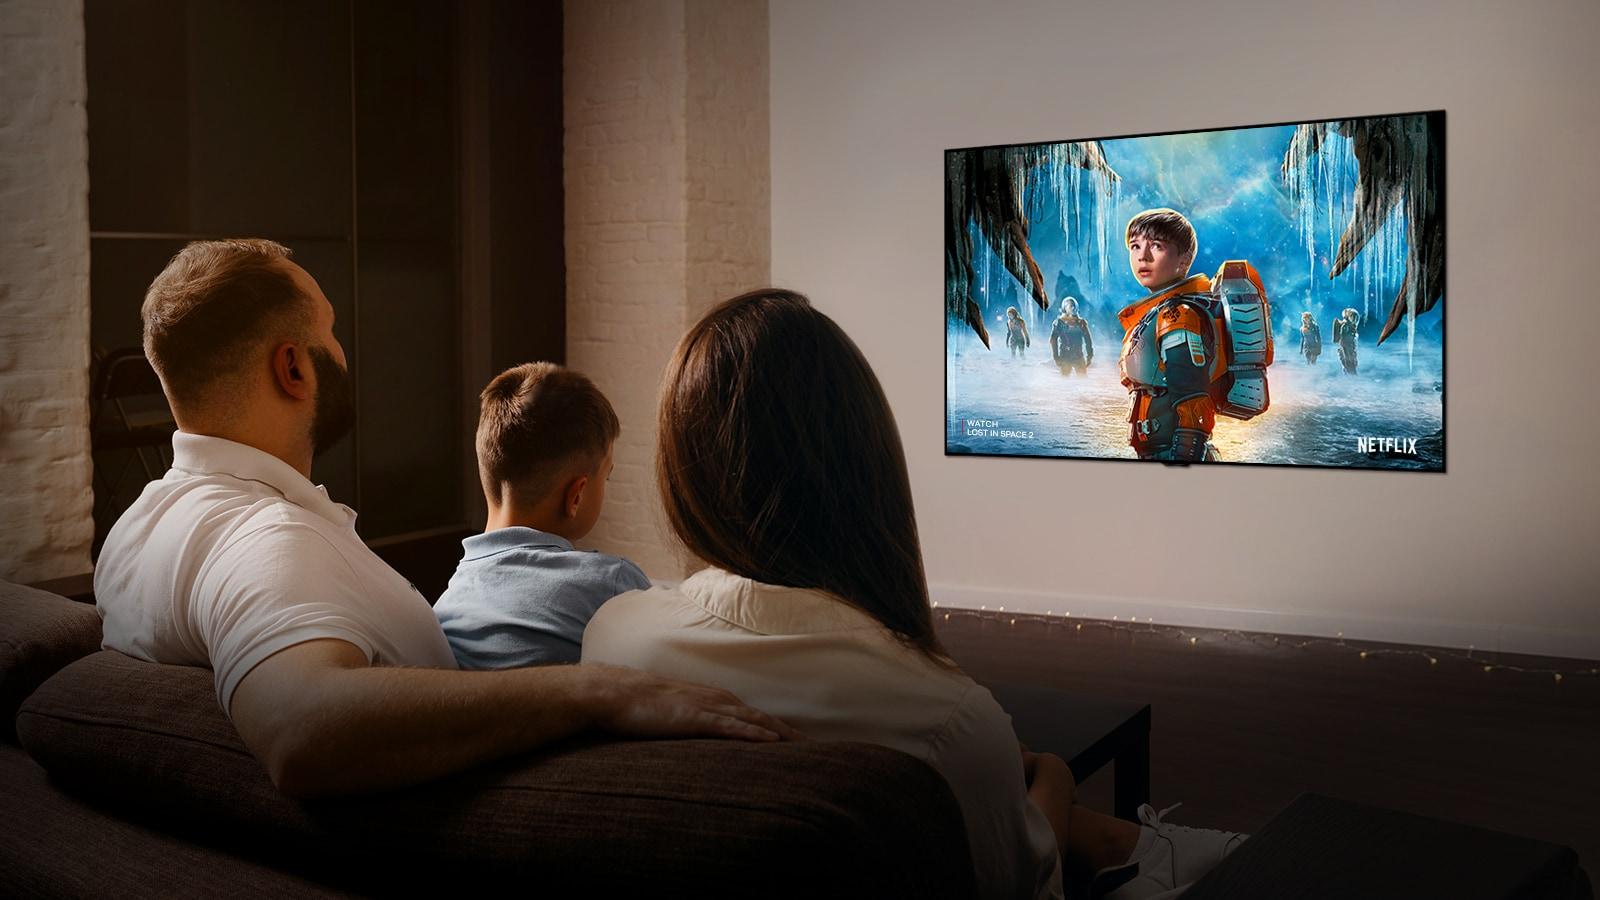 Пара сидит на диване в гостиной и смотрит романтический фильм по телевизору.